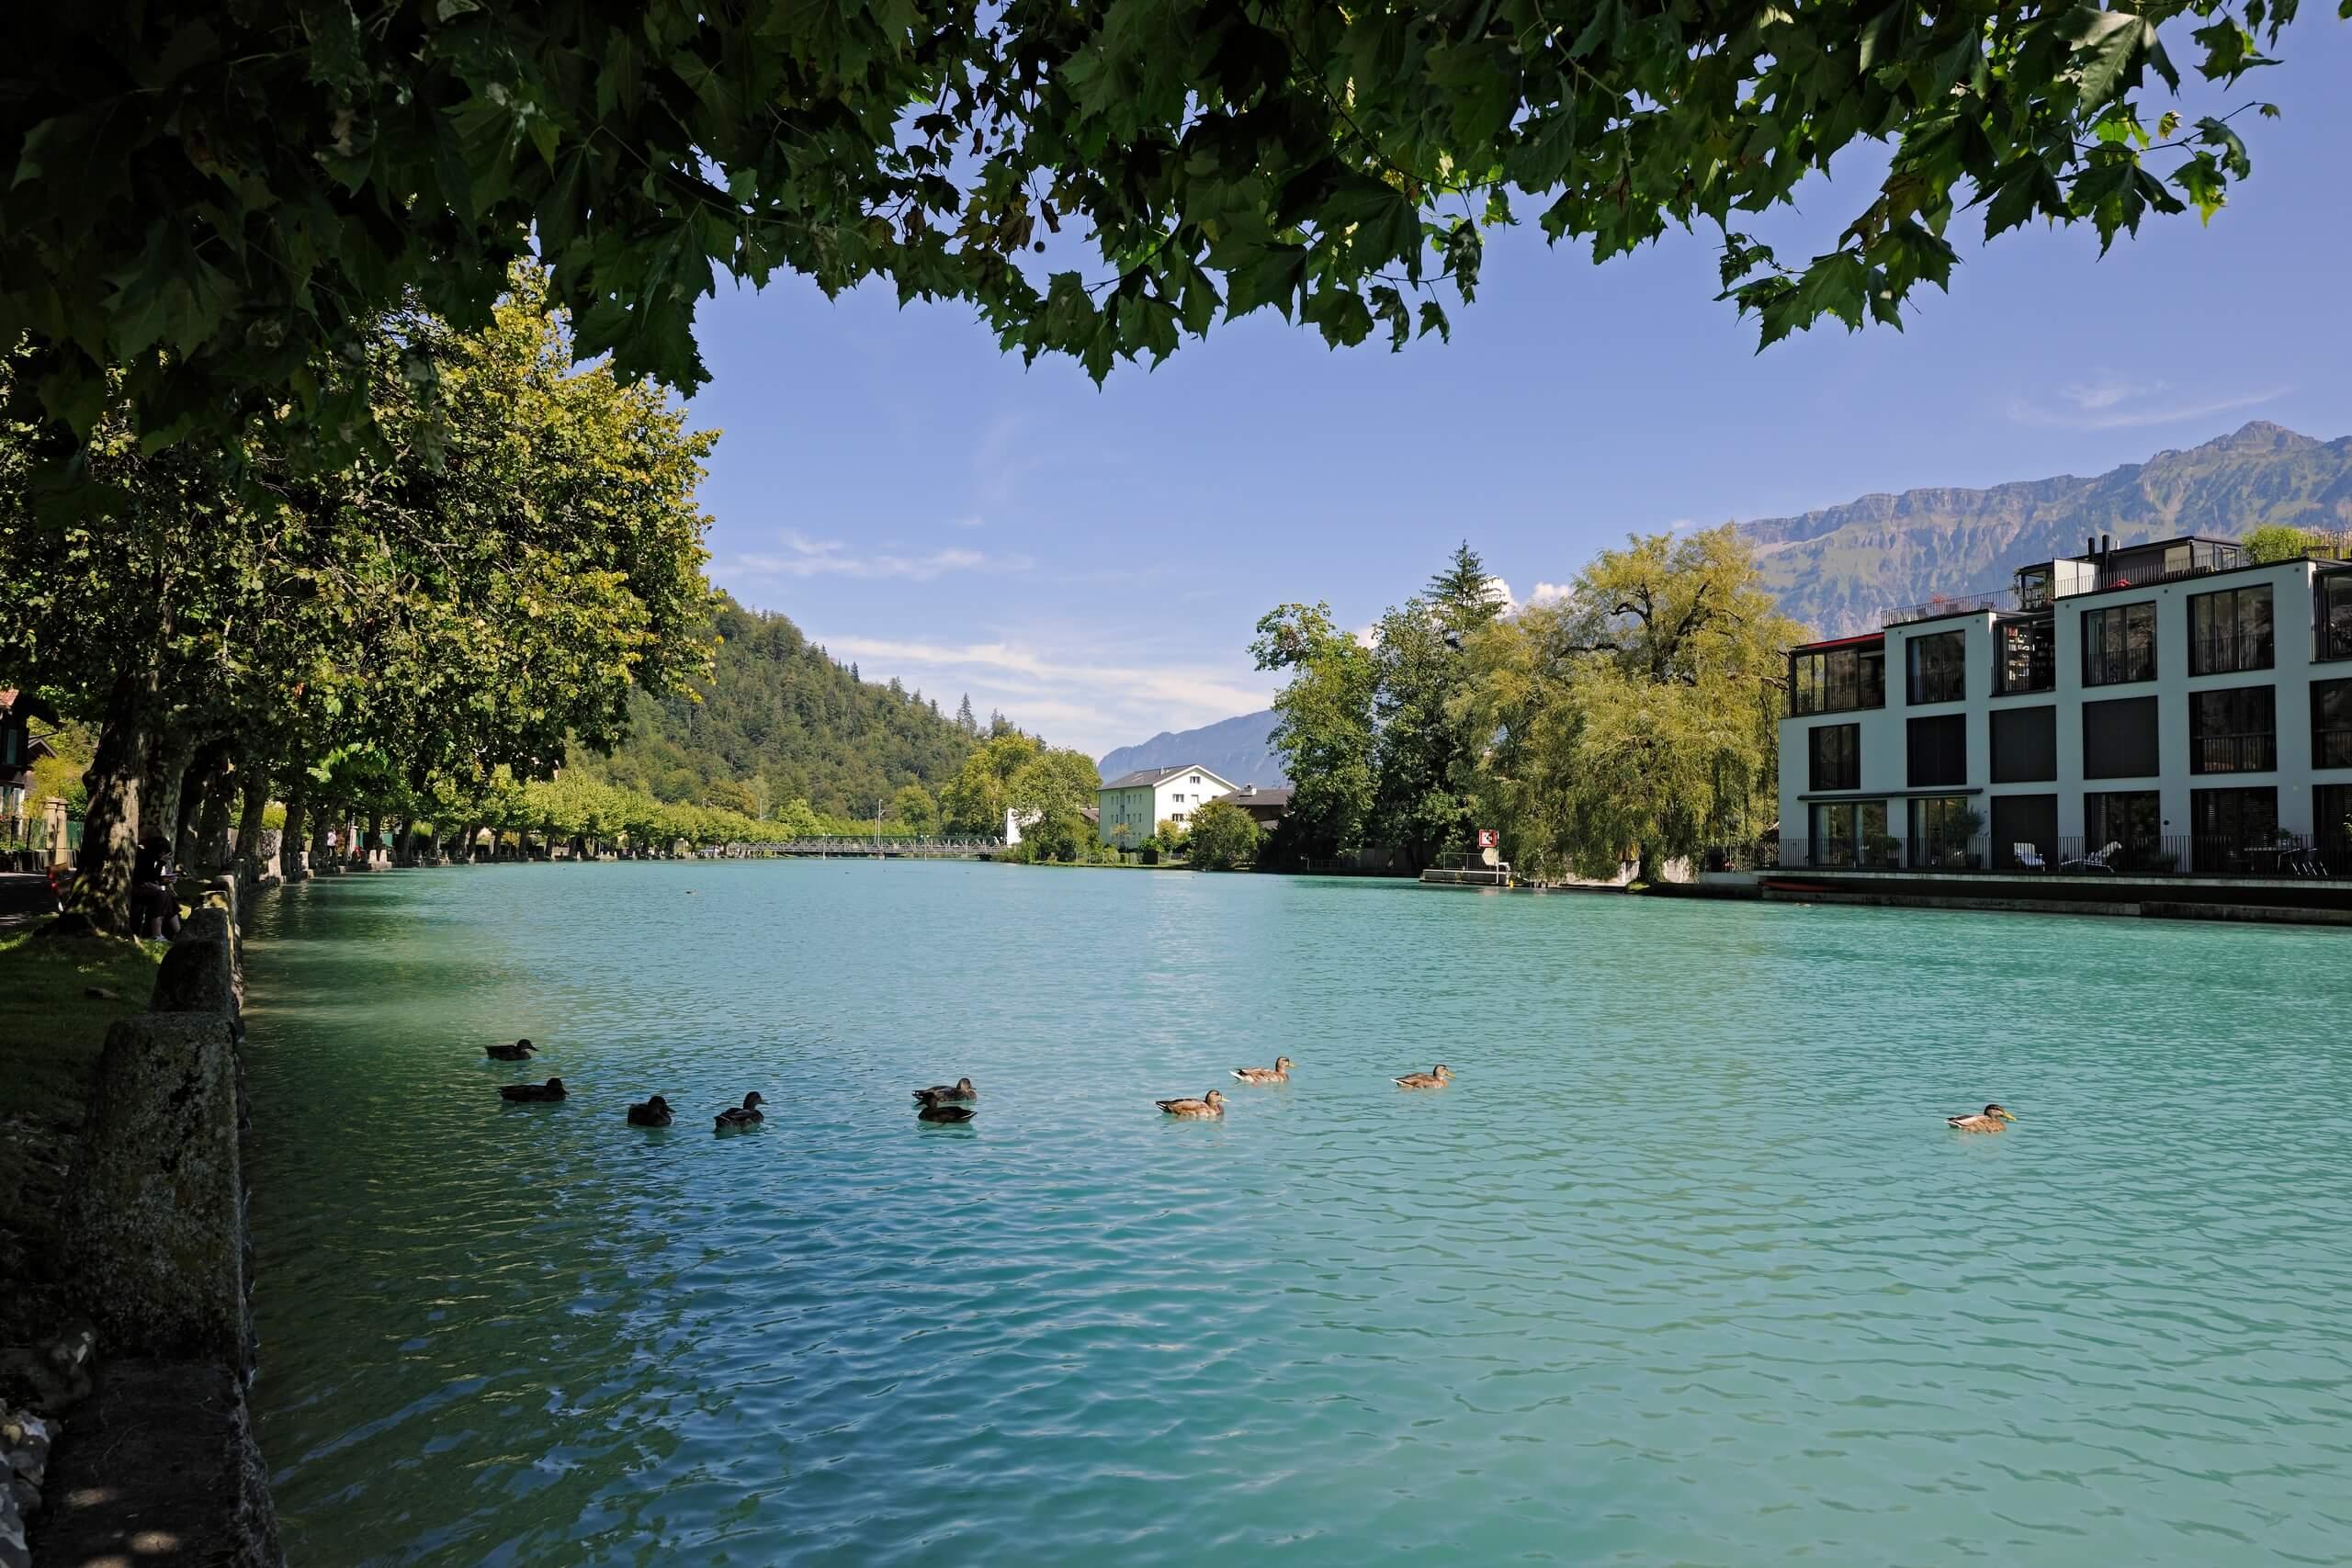 unterseen-altstadt-aare-enten-schwimmen-sommer